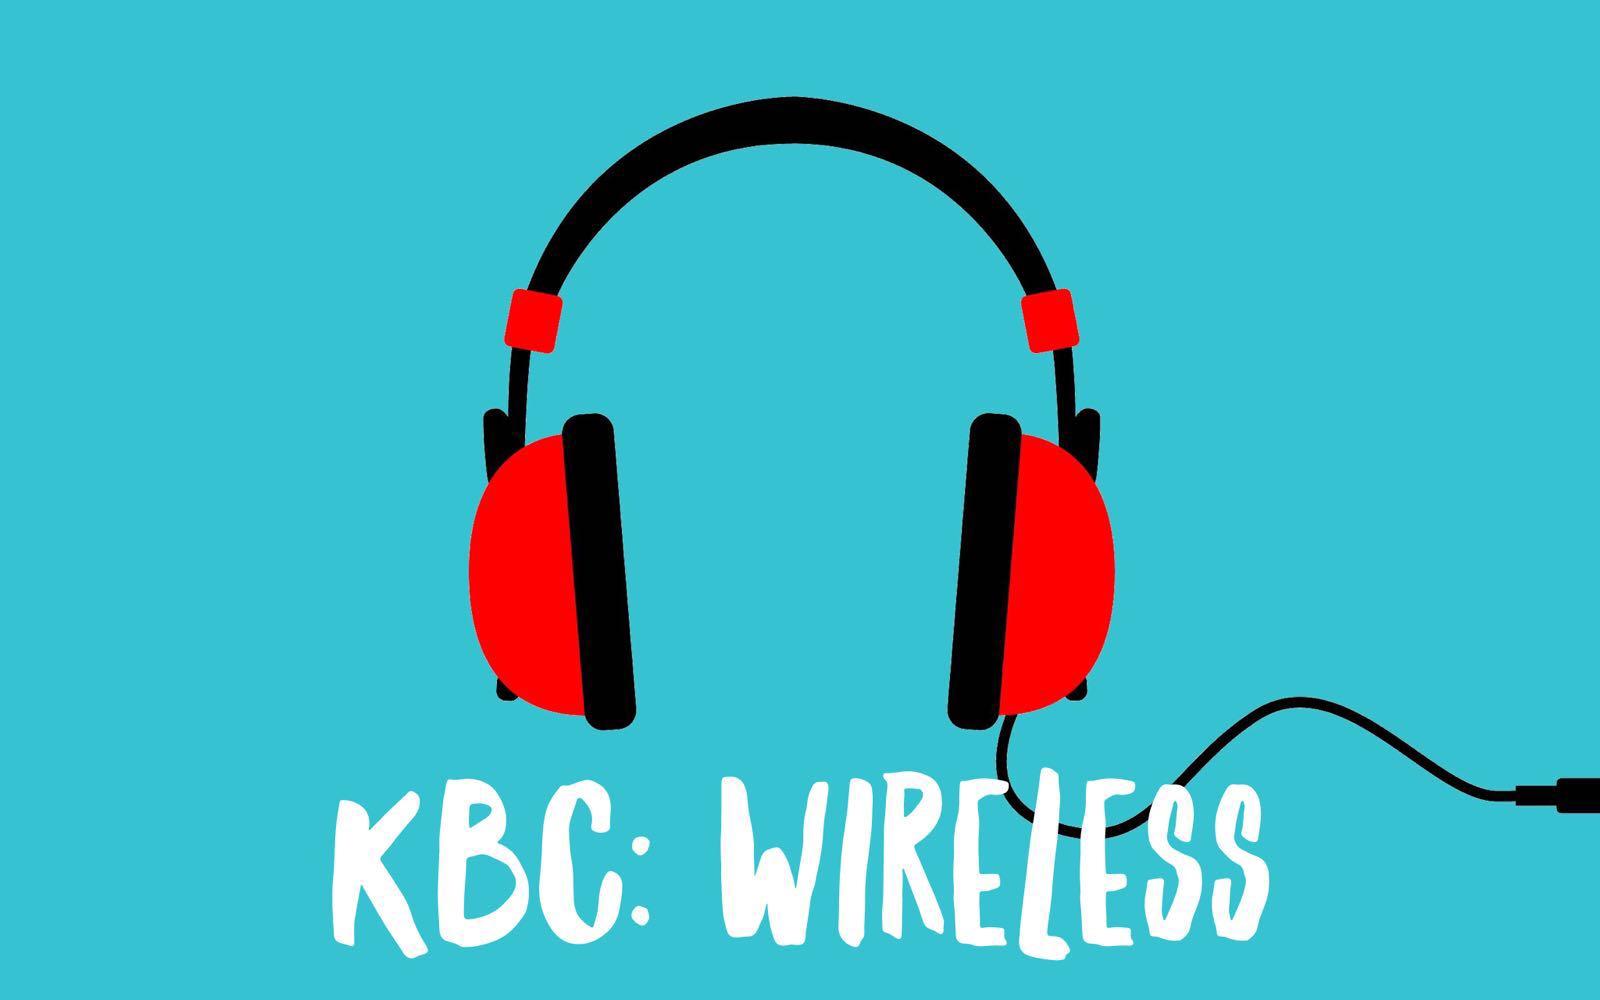 KBC: Wireless Fitness Classes in Sunderland